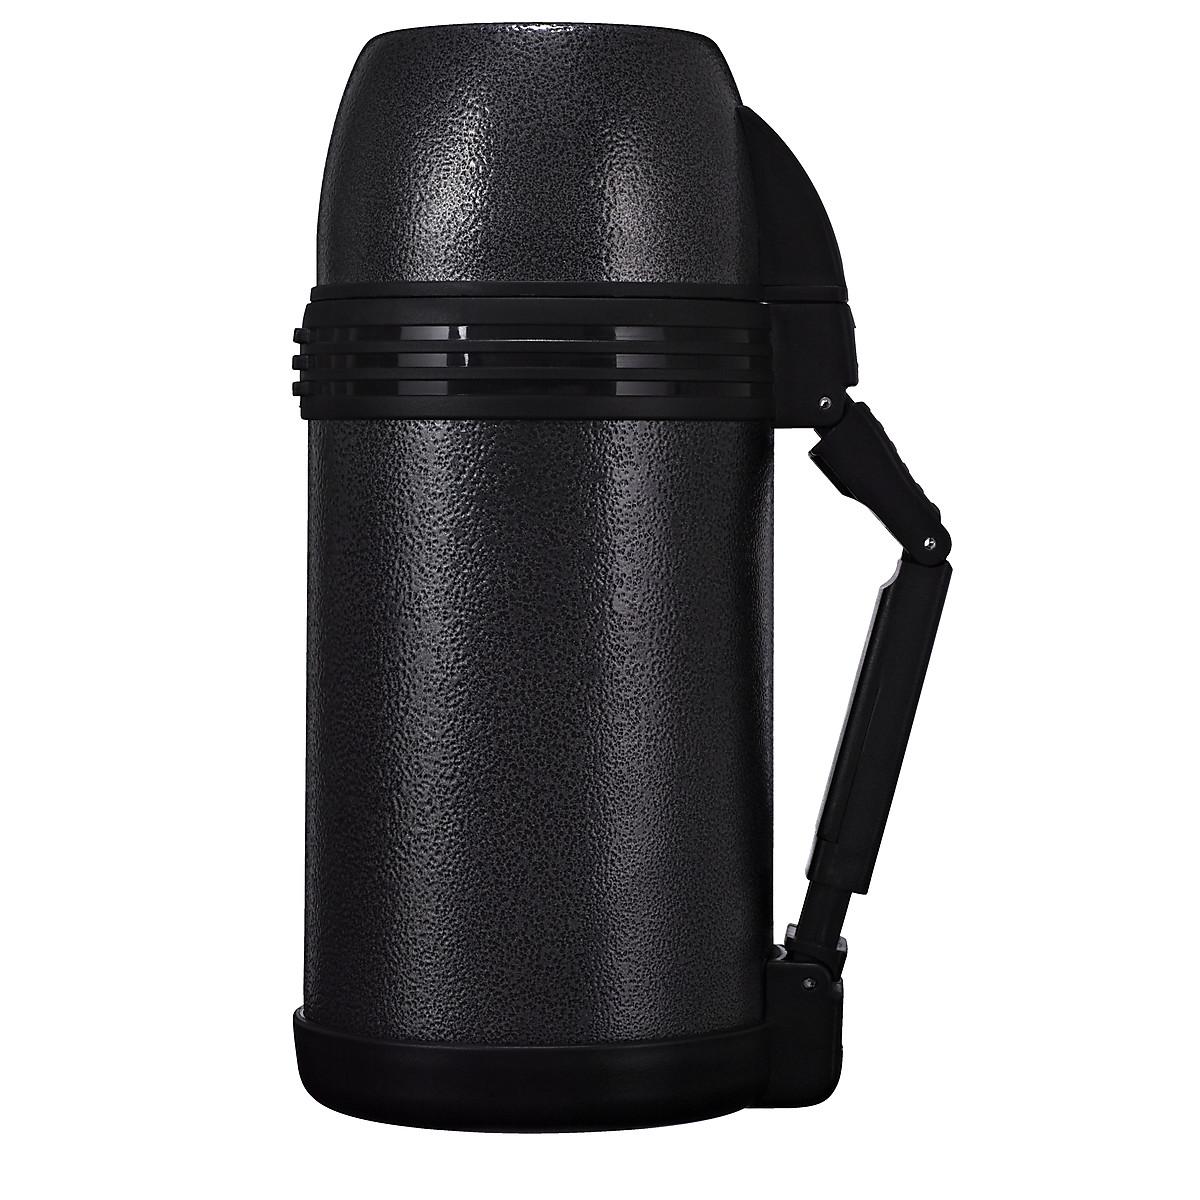 Asaklitt 1.2 L Food Flask